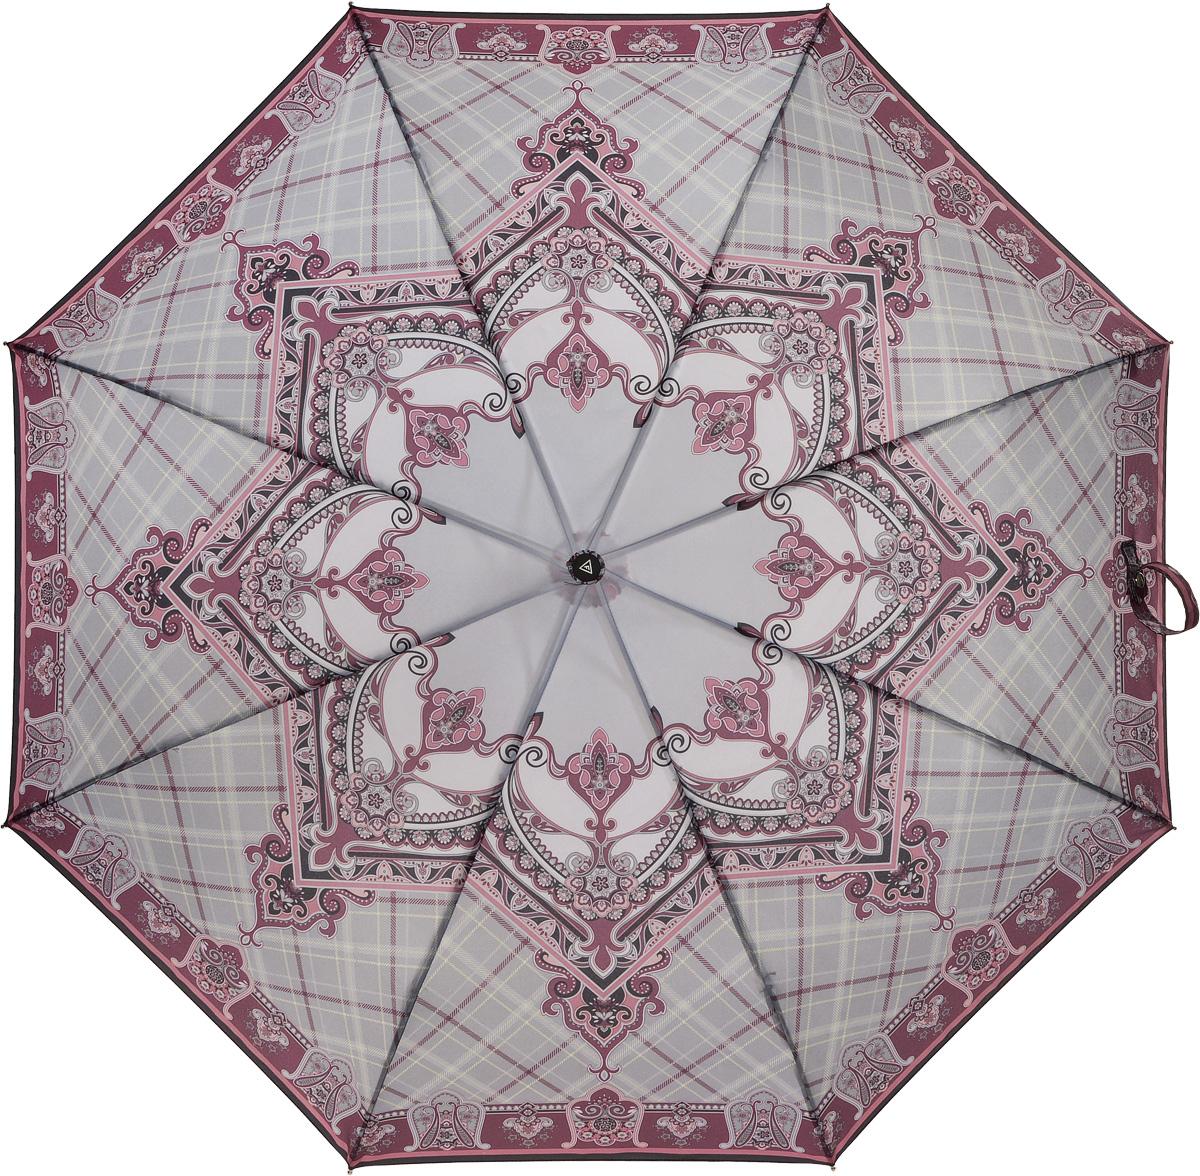 Зонт женский Fabretti, автомат, 3 сложения, цвет: мультиколор. L-16100-2L-16100-2Зонт женский Fabretti, облегченный суперавтомат, 3 сложения.Женский зонт- это не просто защита от дождя, но и красивый, стильный аксессуар, который будет выгодно подчеркивать женственность и утонченность обладательницы.